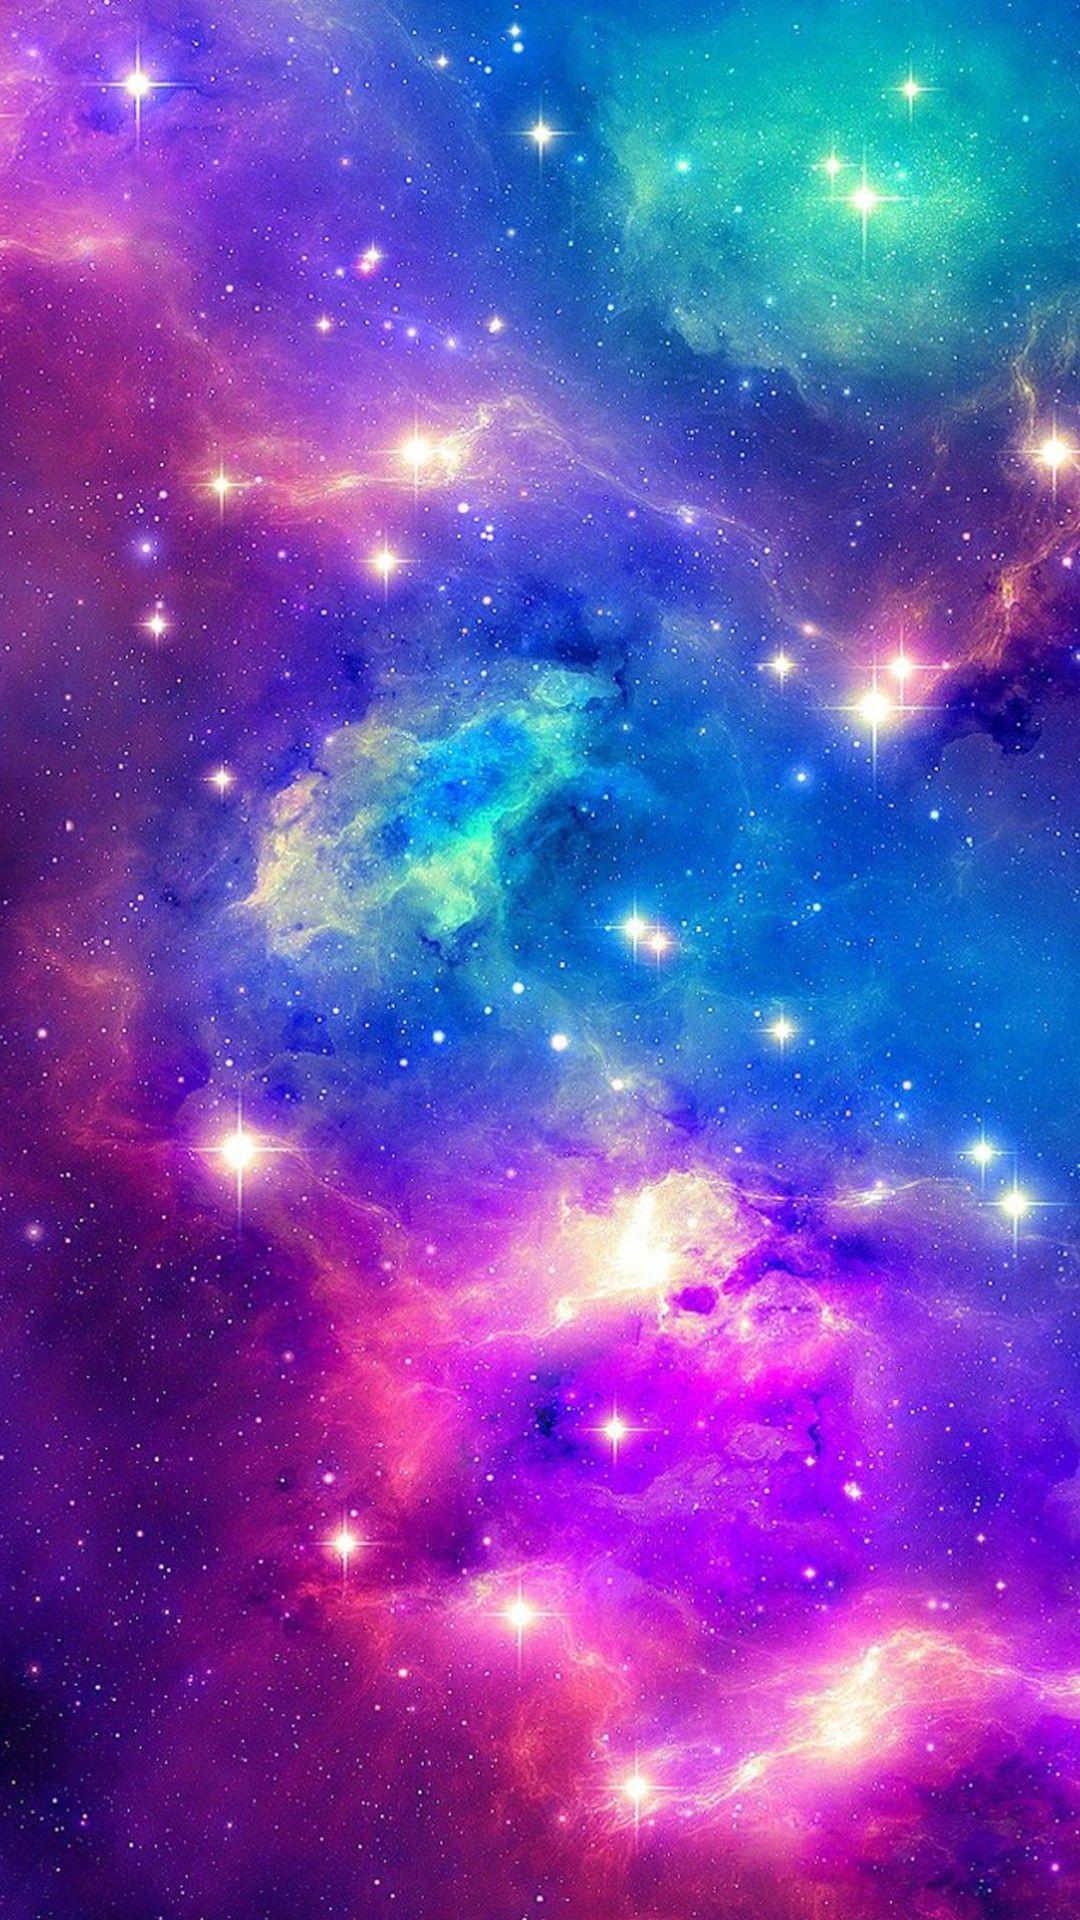 1080x1920 Hình nền Galaxy đầy màu sắc Tumblr (trang 2) - Các bức ảnh về không gian